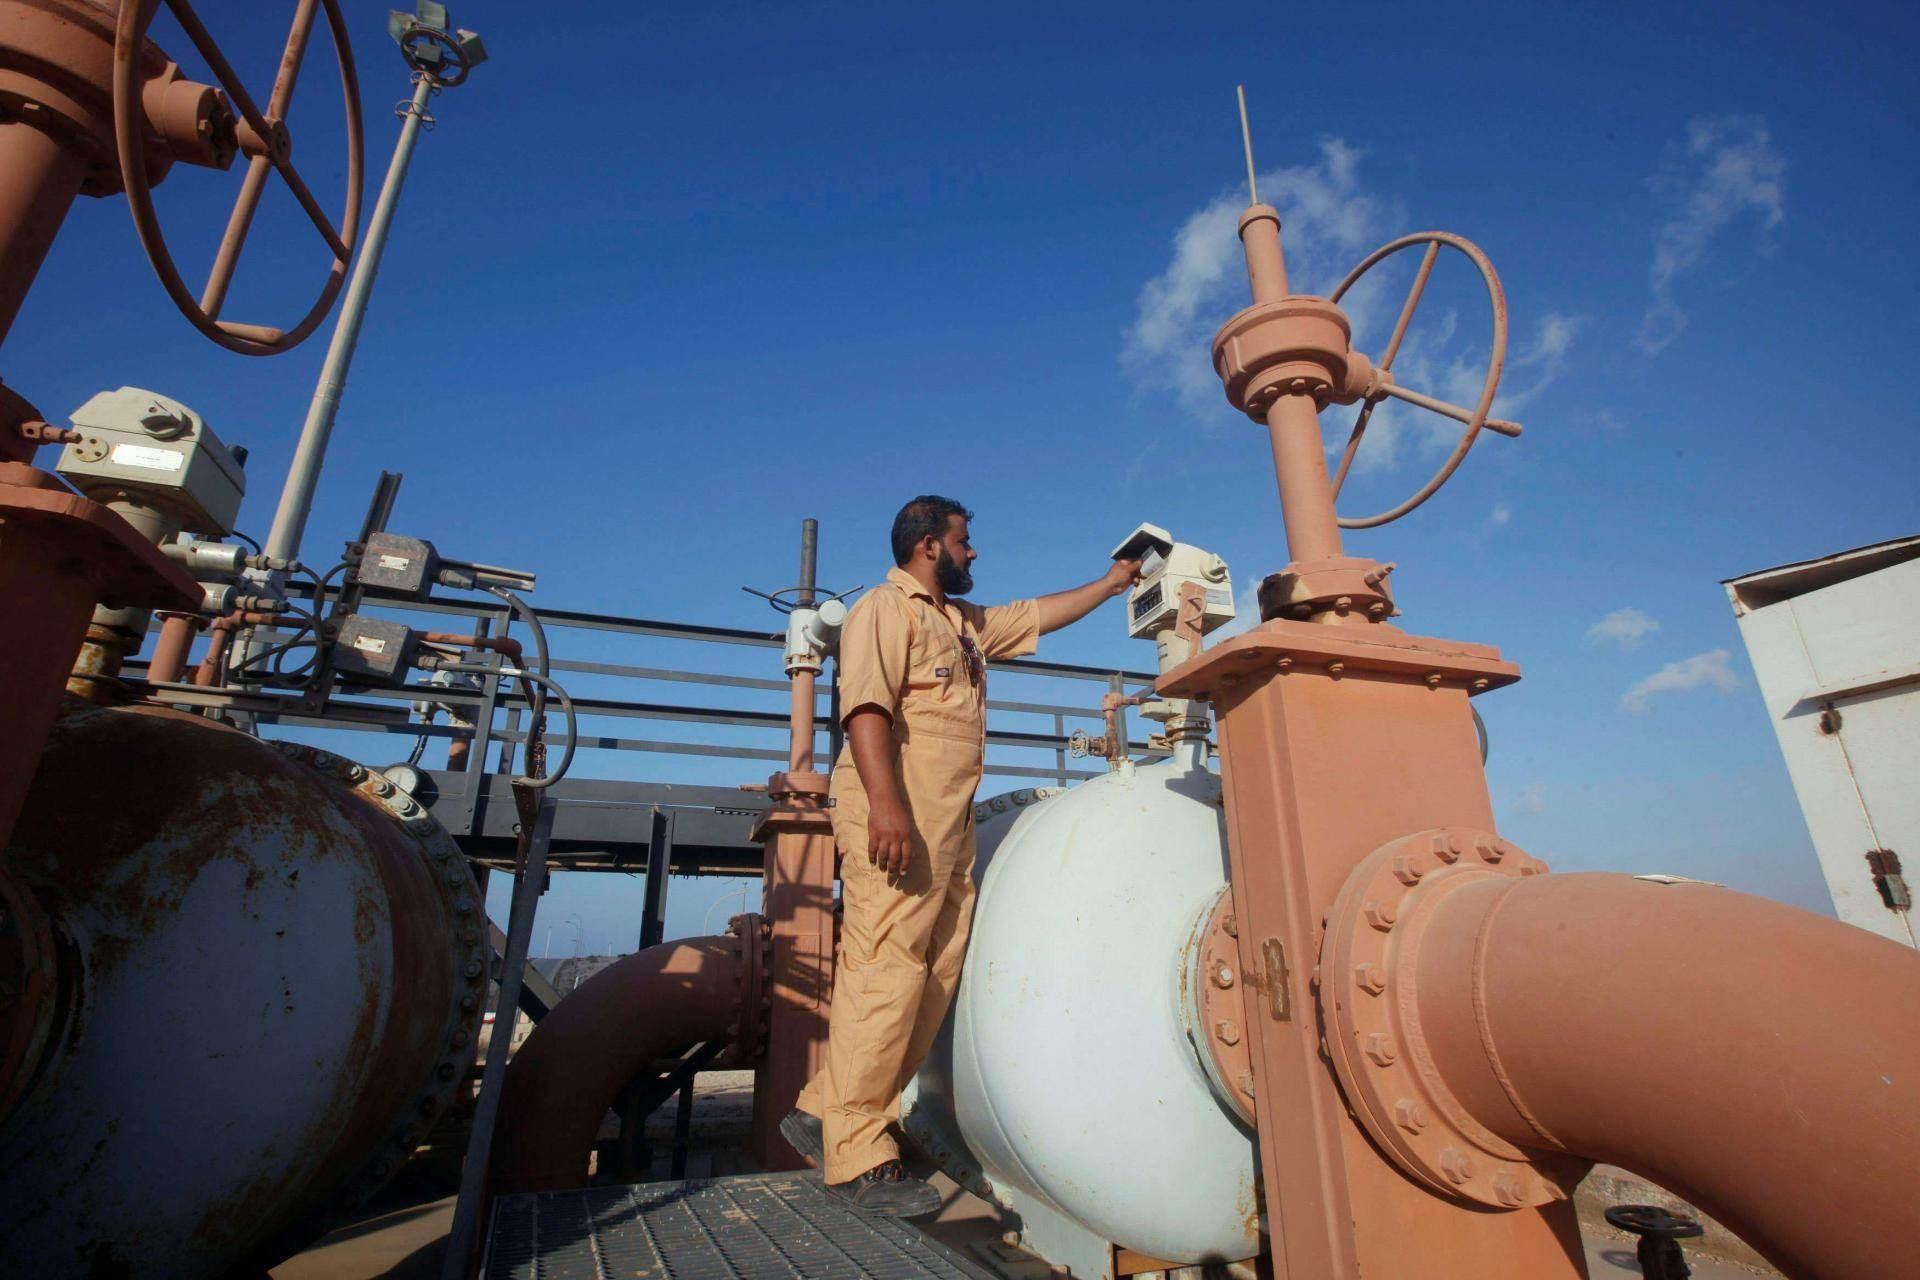 قوات حفتر أوقفت صادرات الطاقة منذ كانون الثاني/يناير لتوقف بذلك معظم الإنتاج وتؤدي لامتلاء صهاريج التخزين